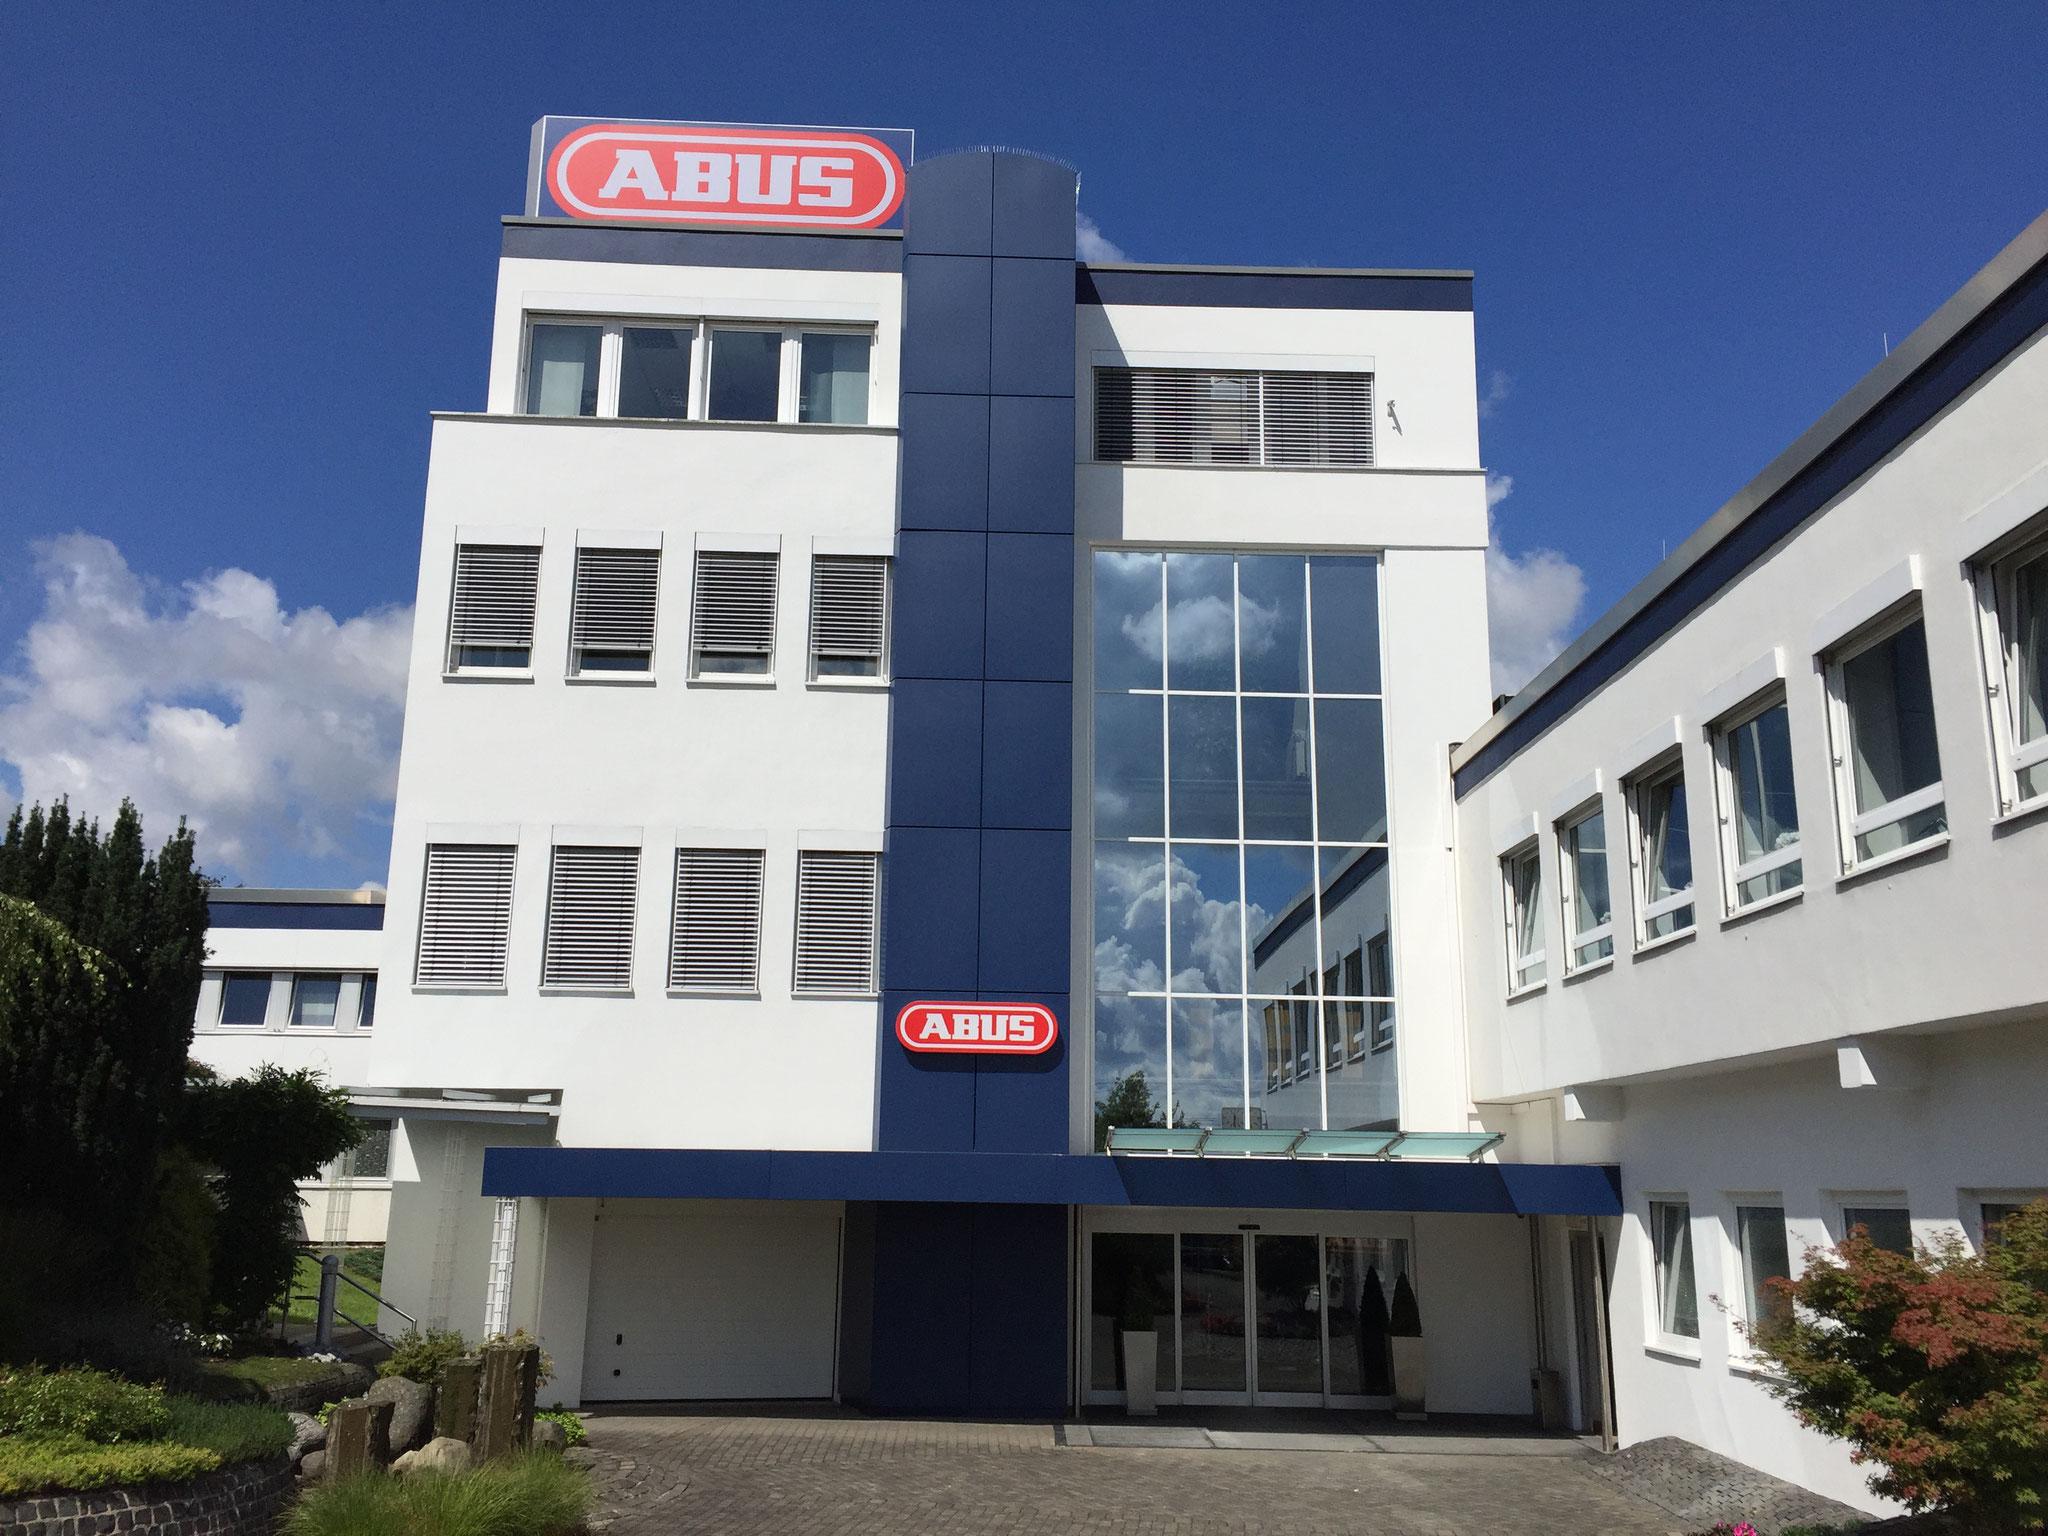 ABUS August Bremicker Söhne KG; Bürogebäude